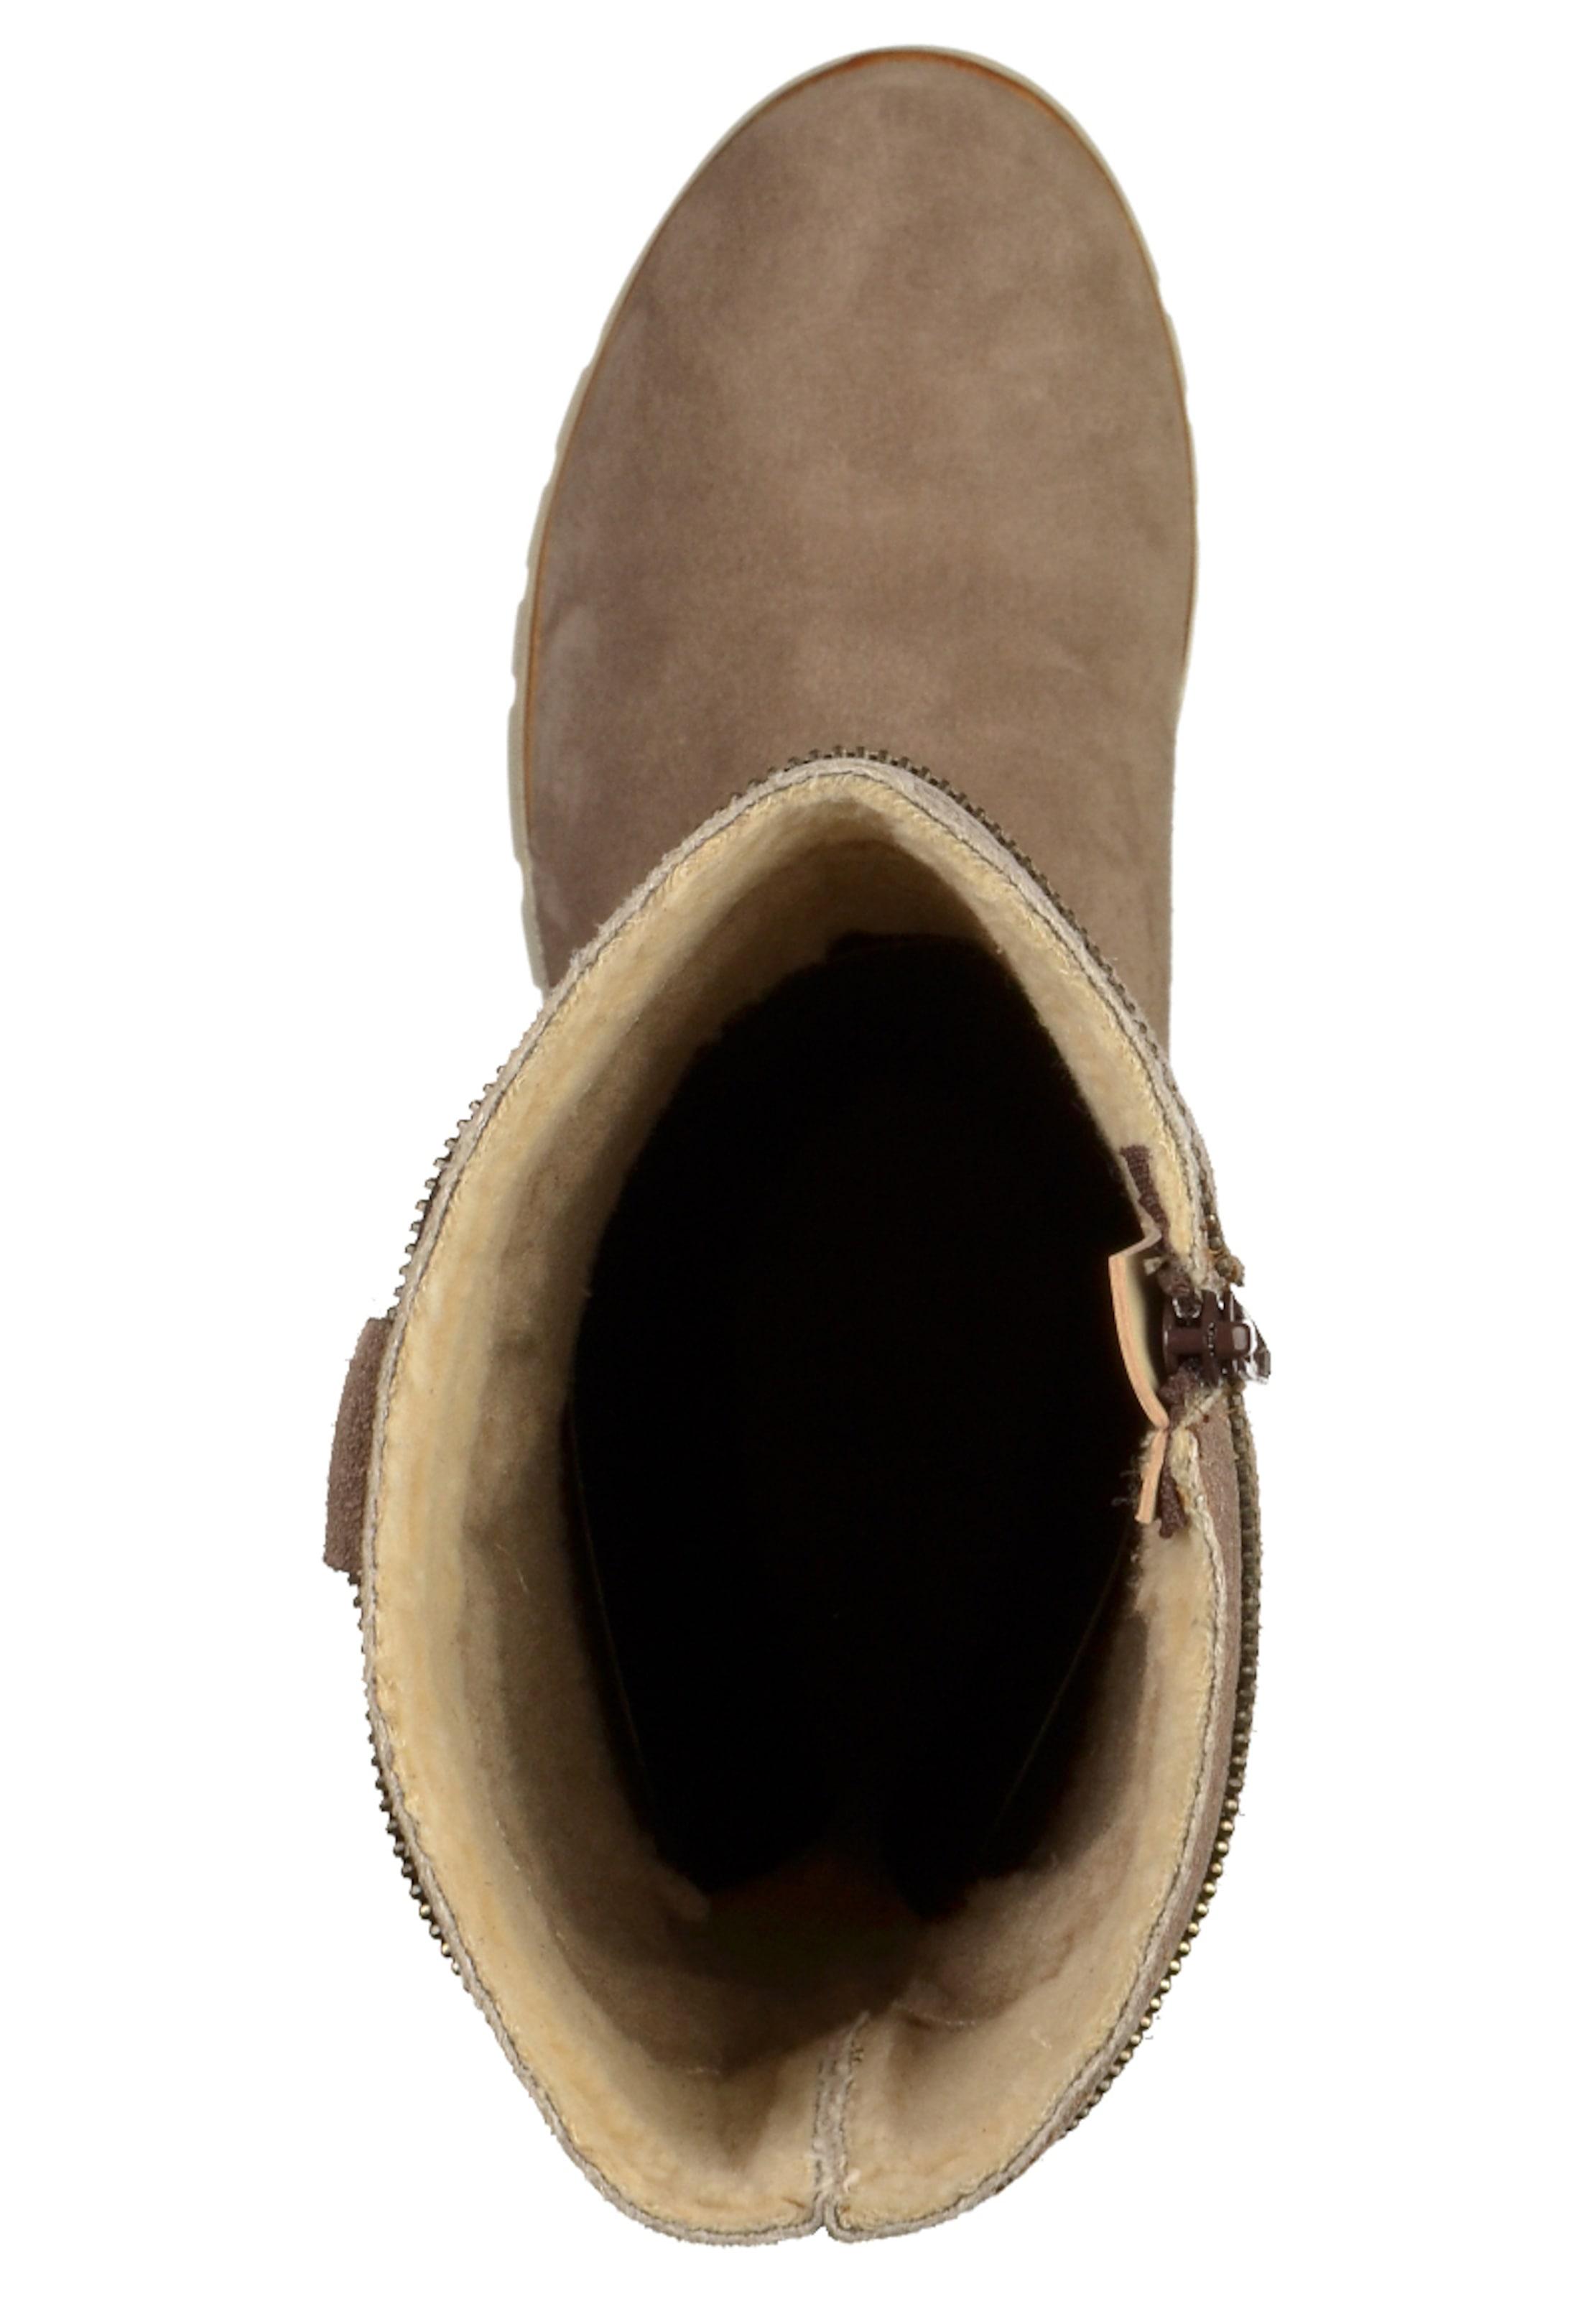 MARCO TOZZI Stiefel Leder Billige Herren- und und und Damenschuhe 1840e5